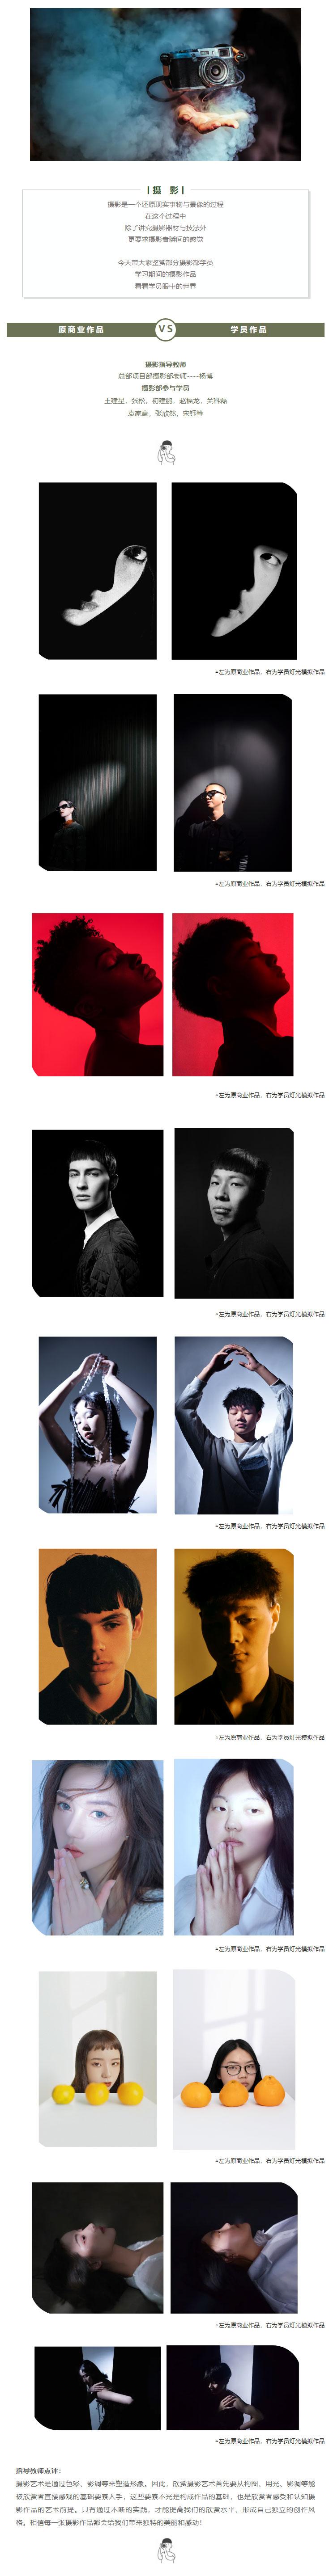 发现身边的色彩-_-总部项目部学员摄影作品展.jpg